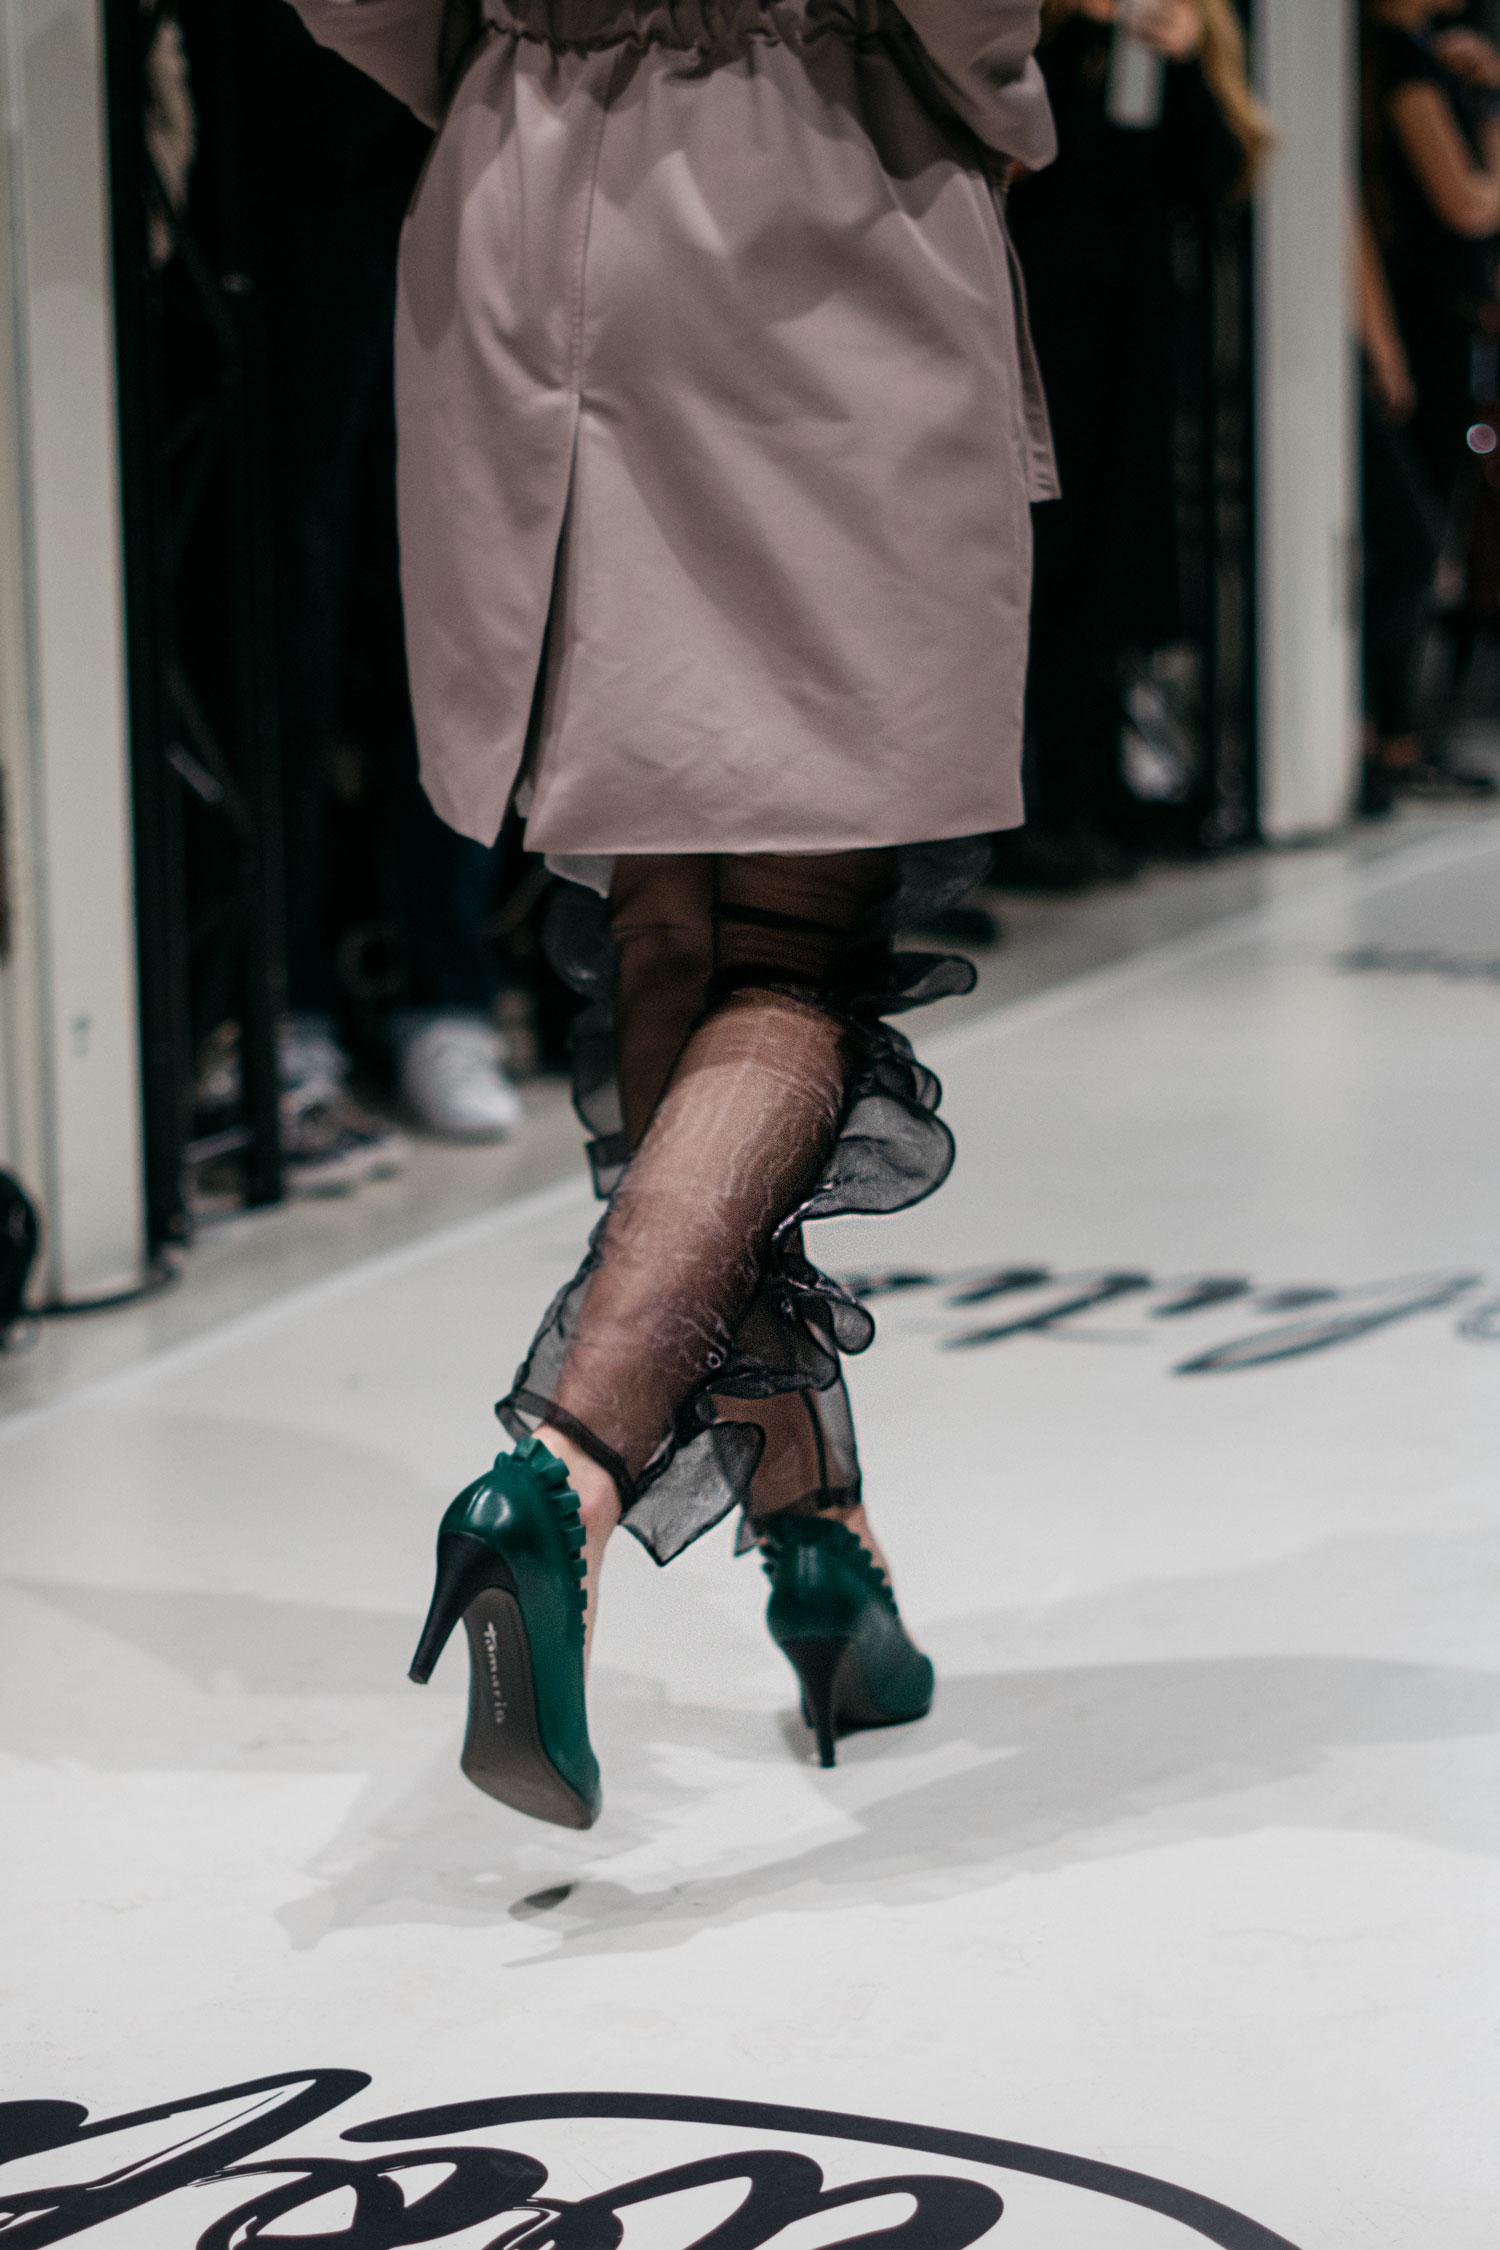 Маша Седжвик| Неделя моды |Обзор трендов |Тренды | Берлин | Германия | блог